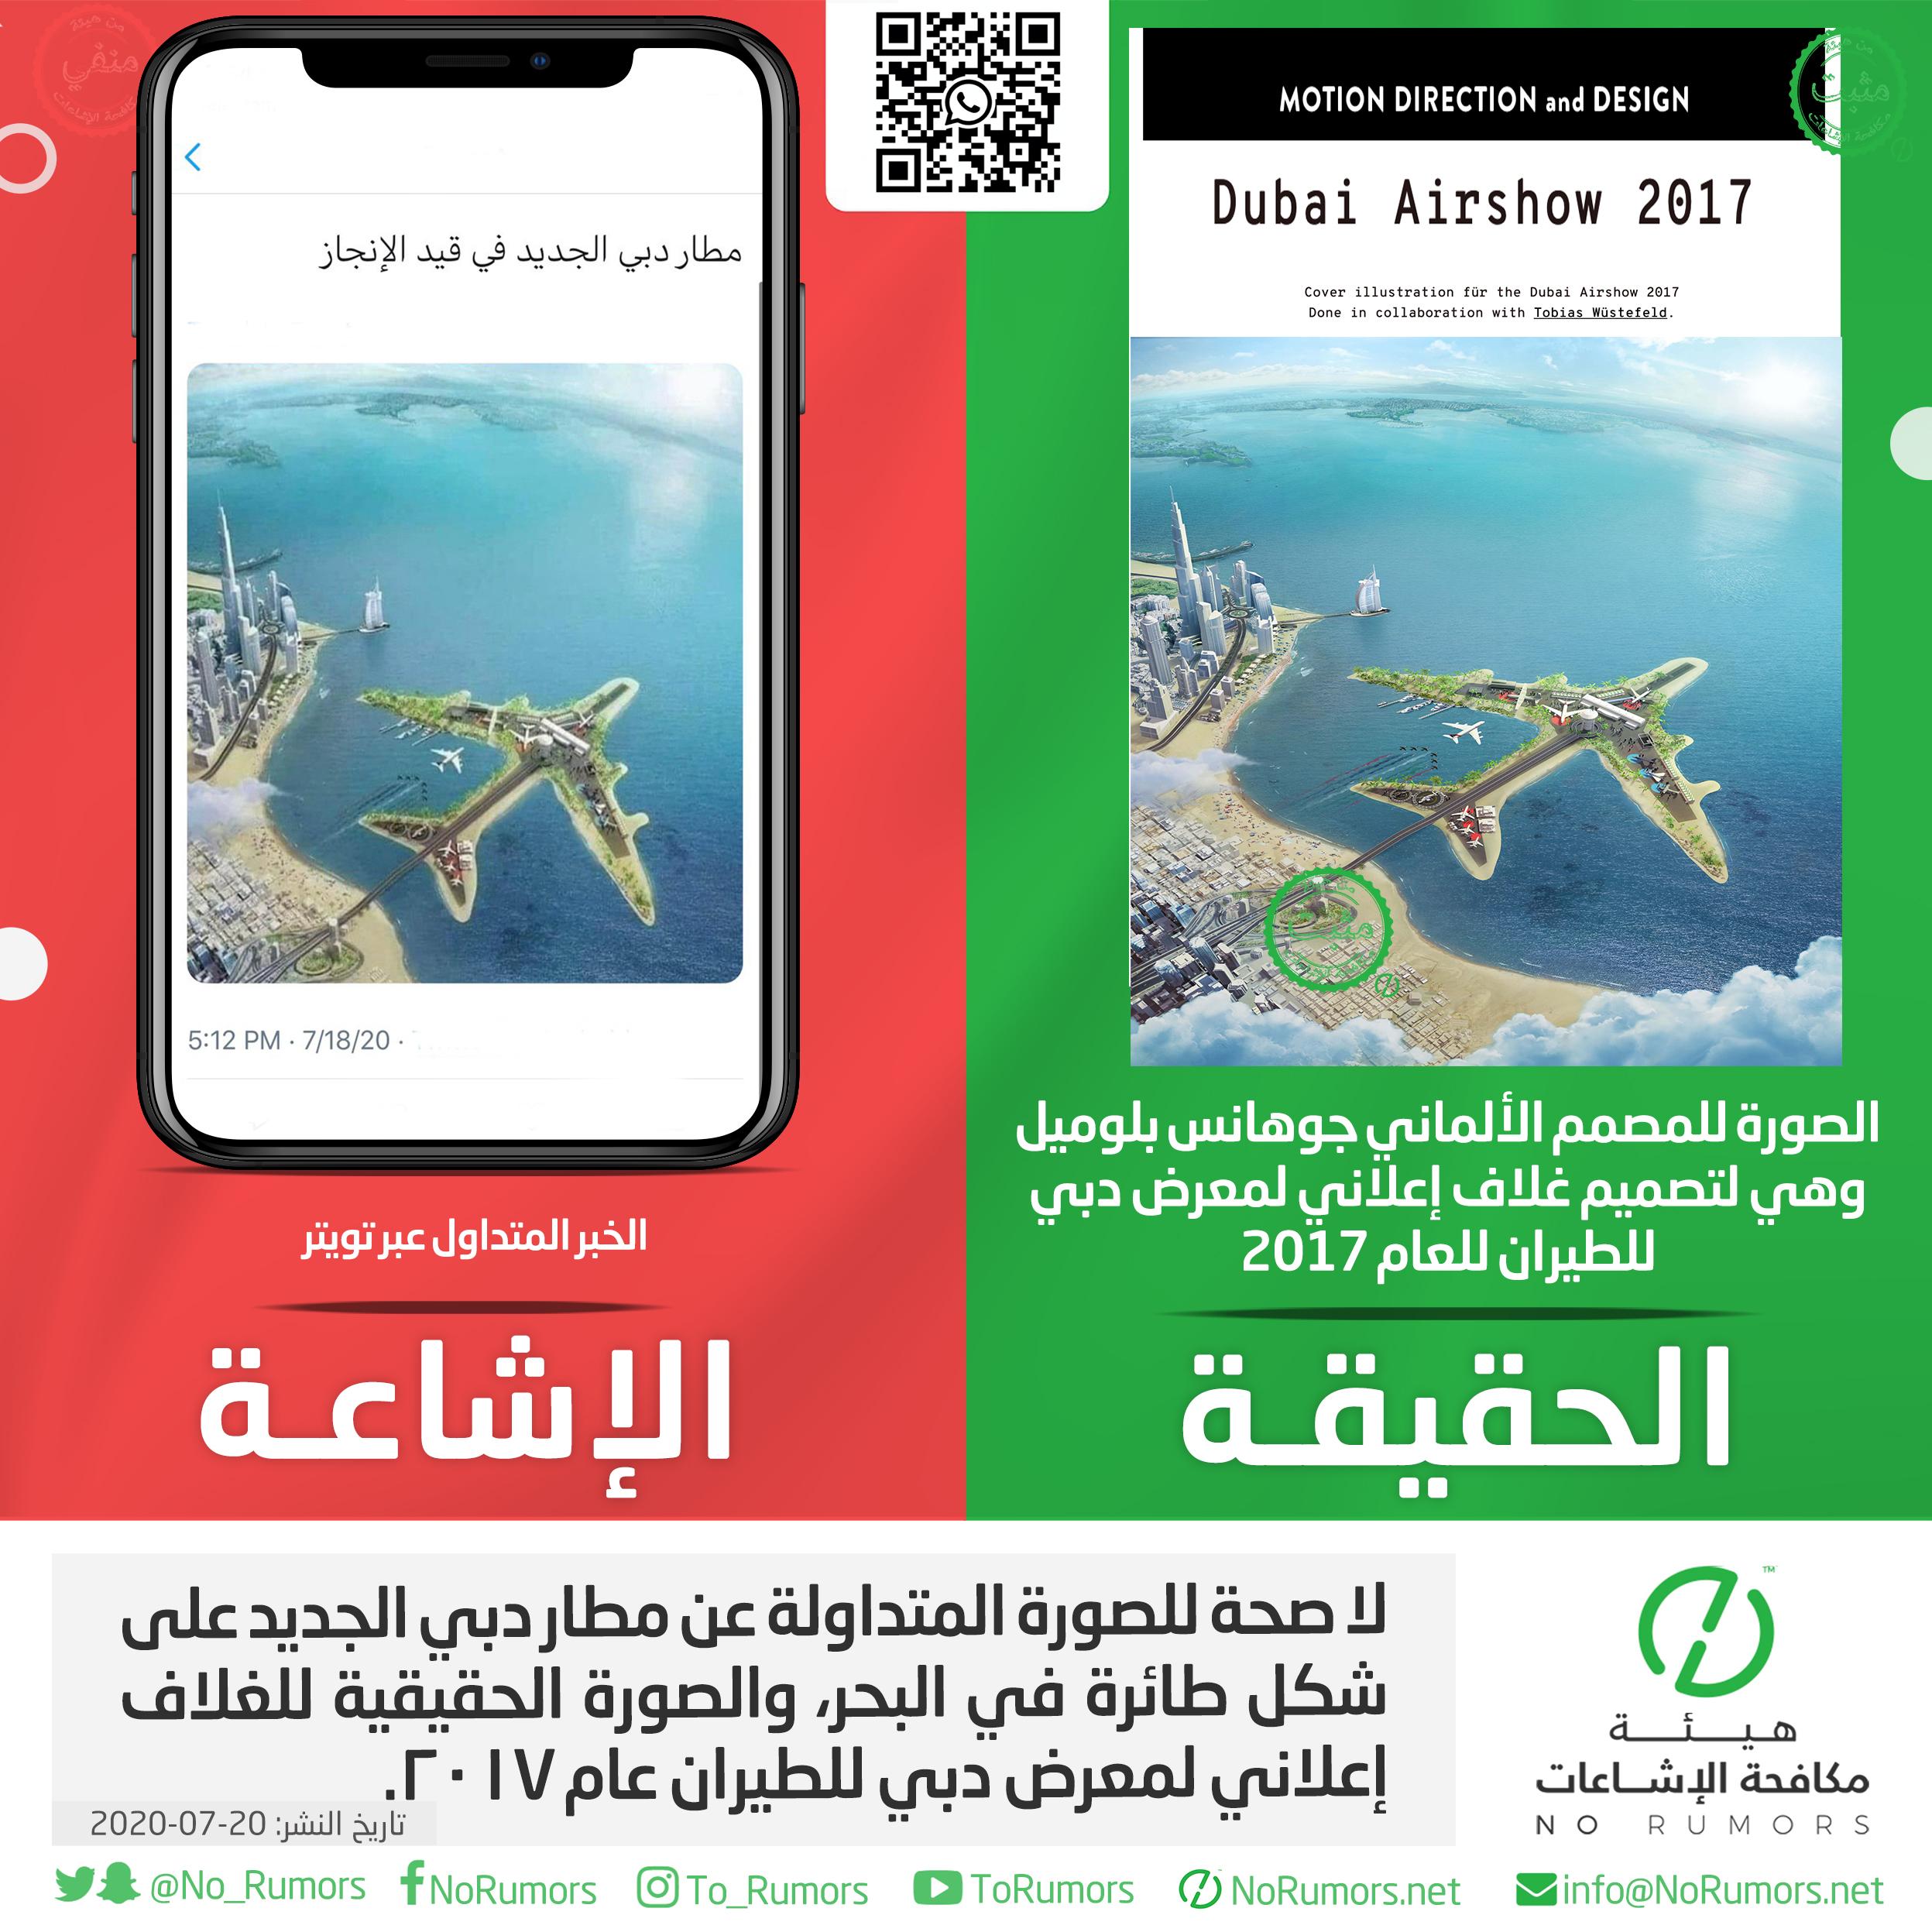 ماهي حقيقة الصورة المتداولة عن مطار دبي الجديد على شكل طائرة في البحر